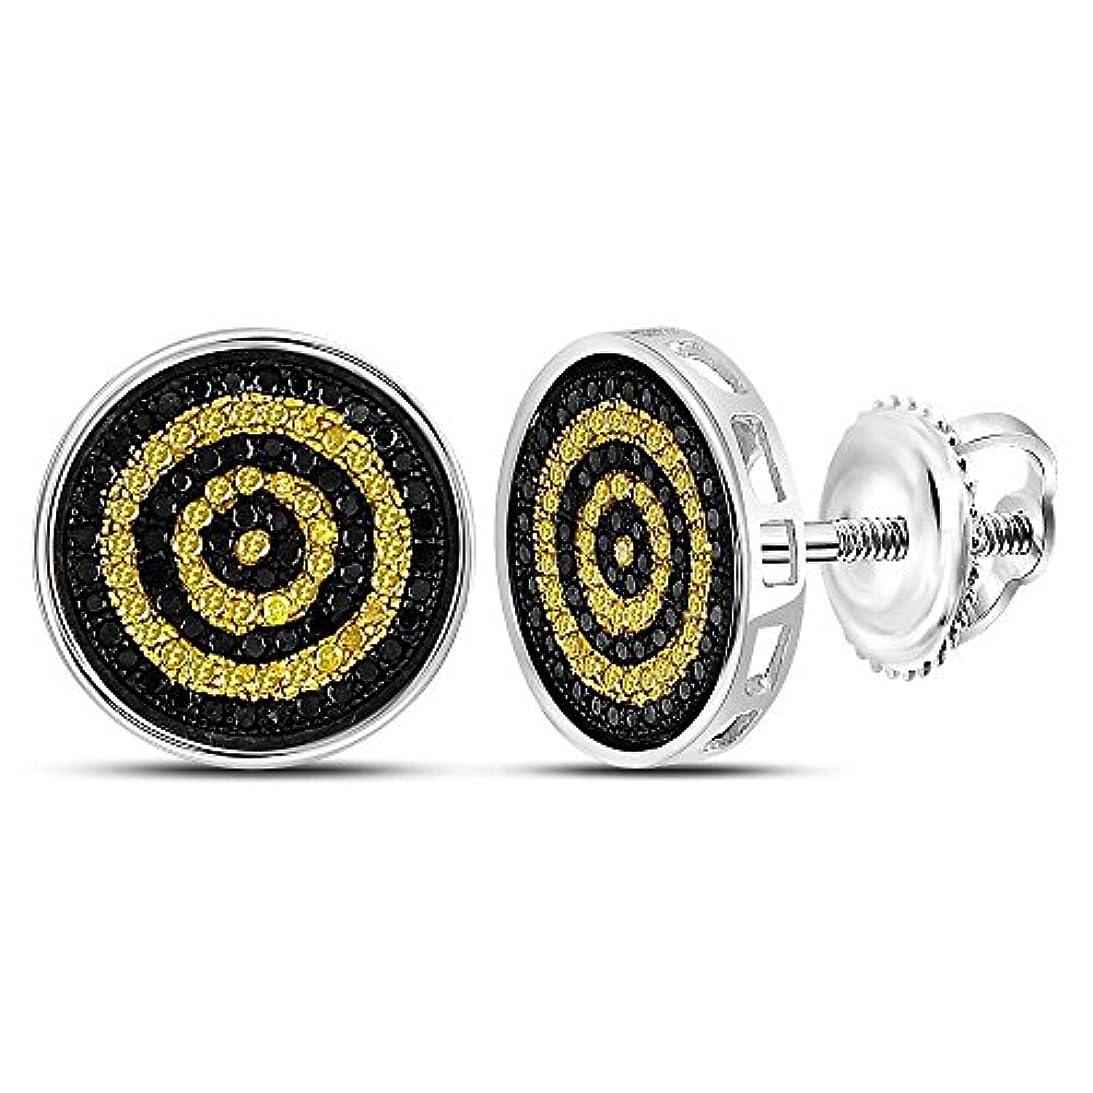 嬉しいです残酷六月Roy Rose Jewelry スターリングシルバー メンズ ラウンド イエロー ブラックカラー 強化ダイヤモンド サークル スタッドピアス 1/2カラット tw